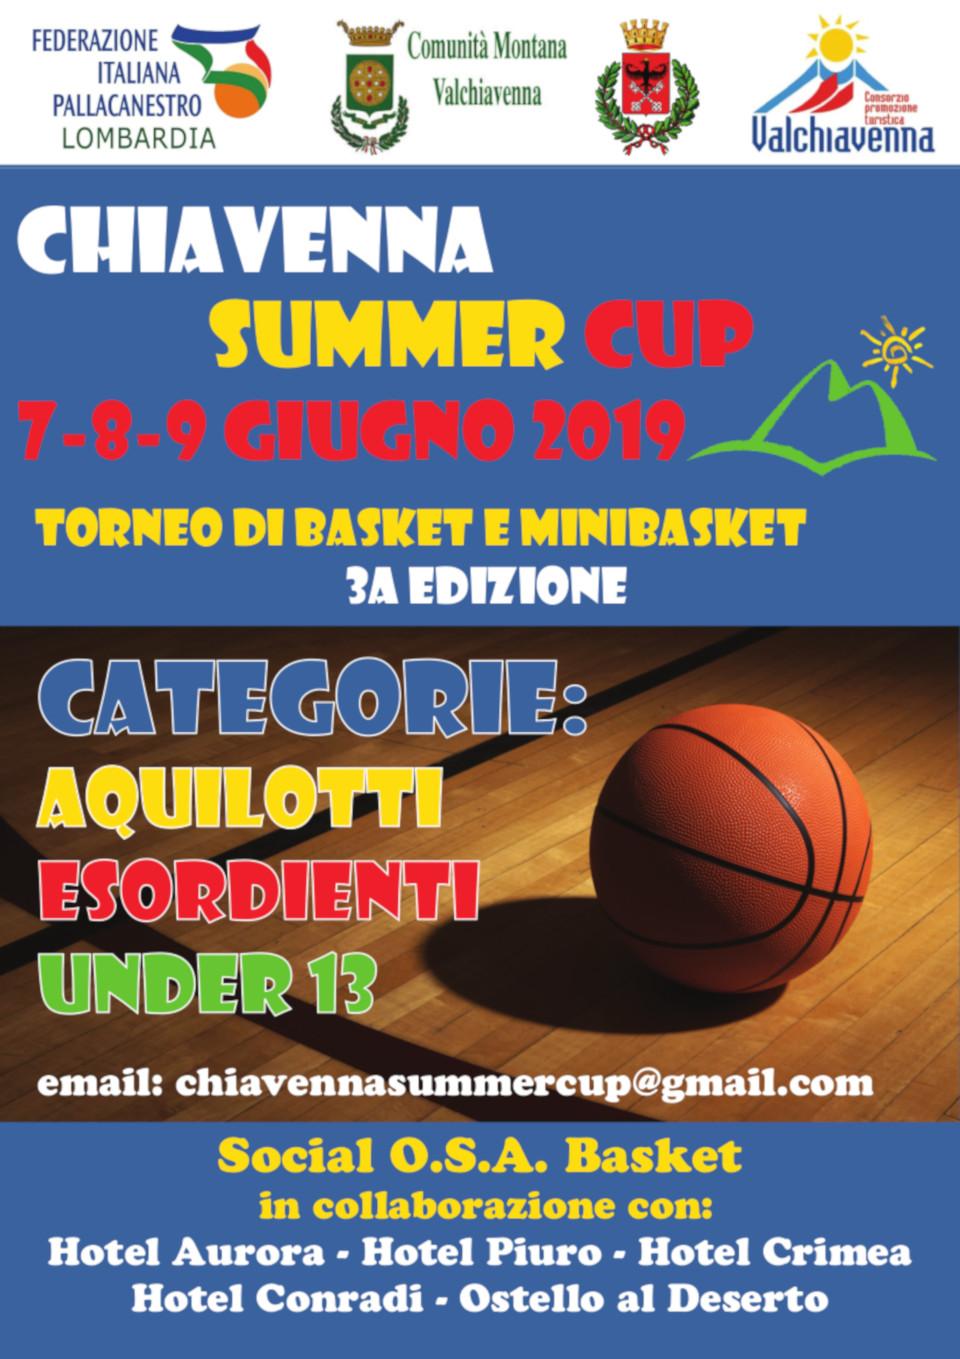 Chiavenna summer Cup